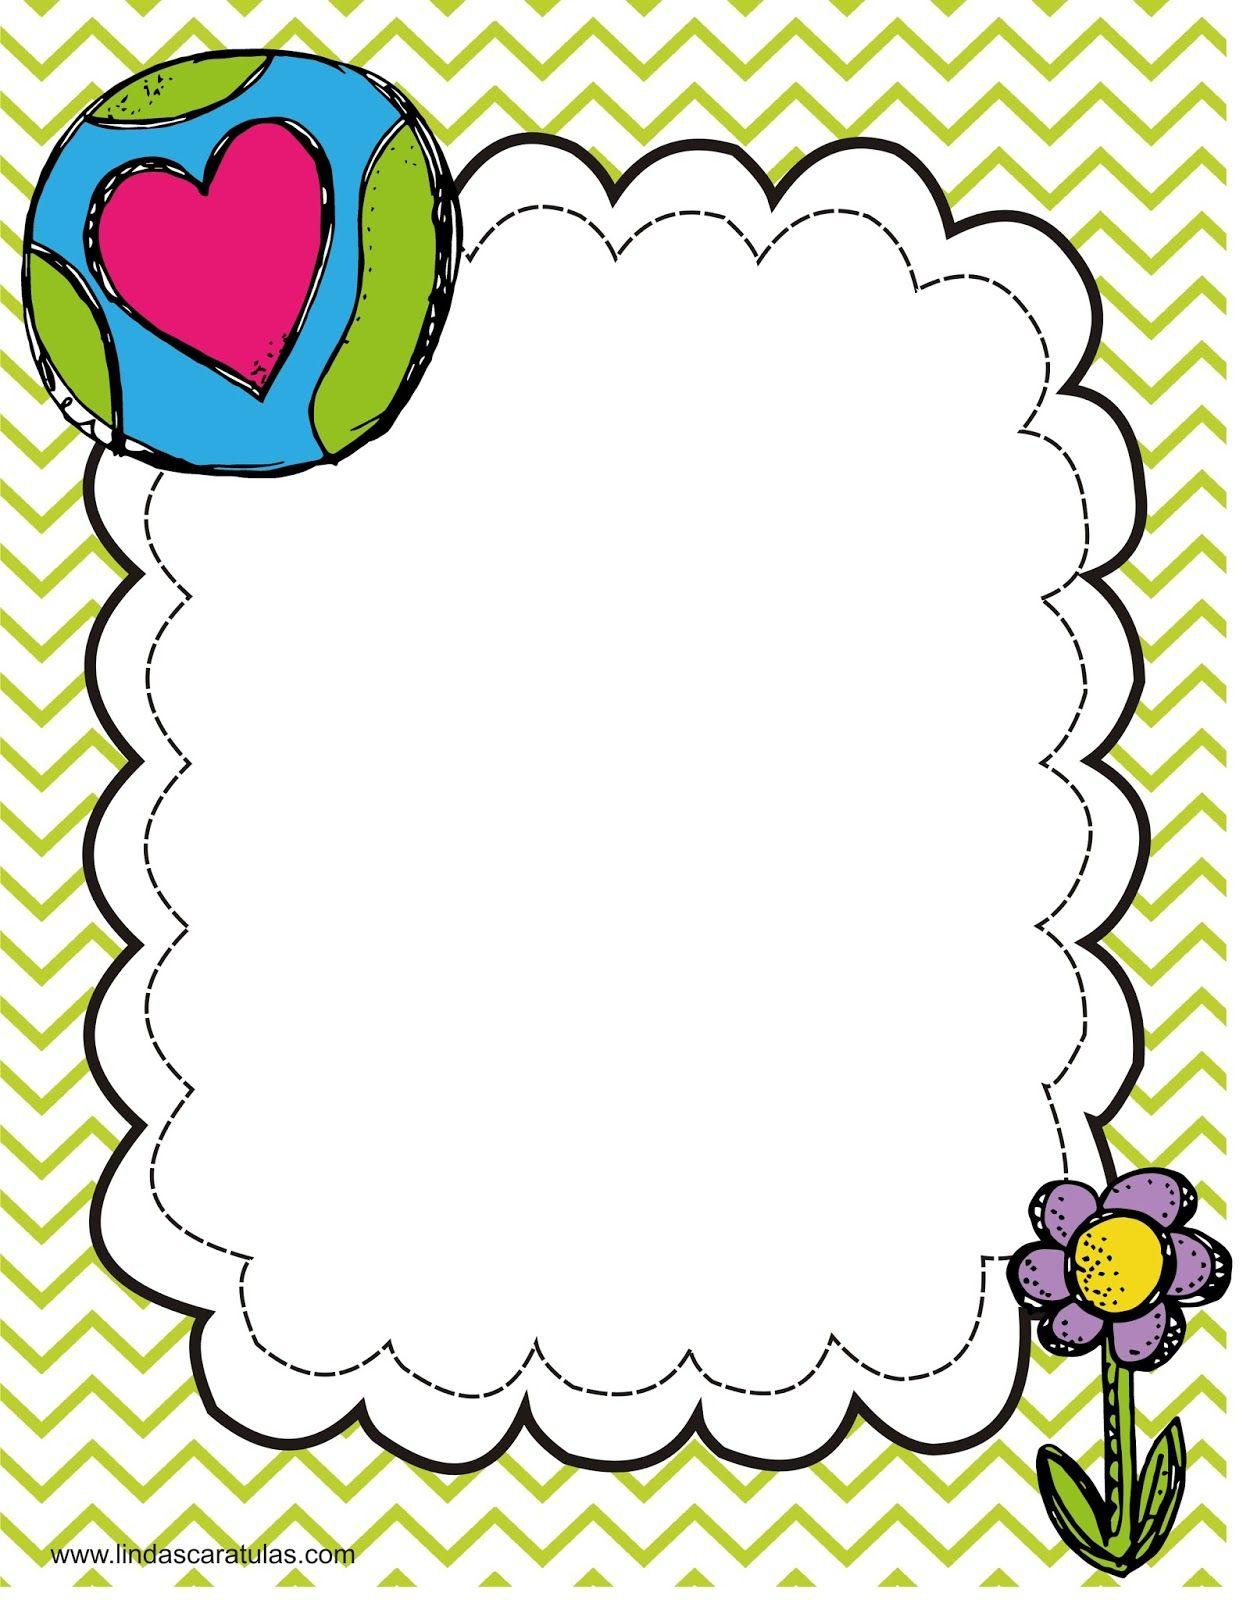 www.lindascaratulas.com: CARATULAS ESCOLARES | creatividad ...